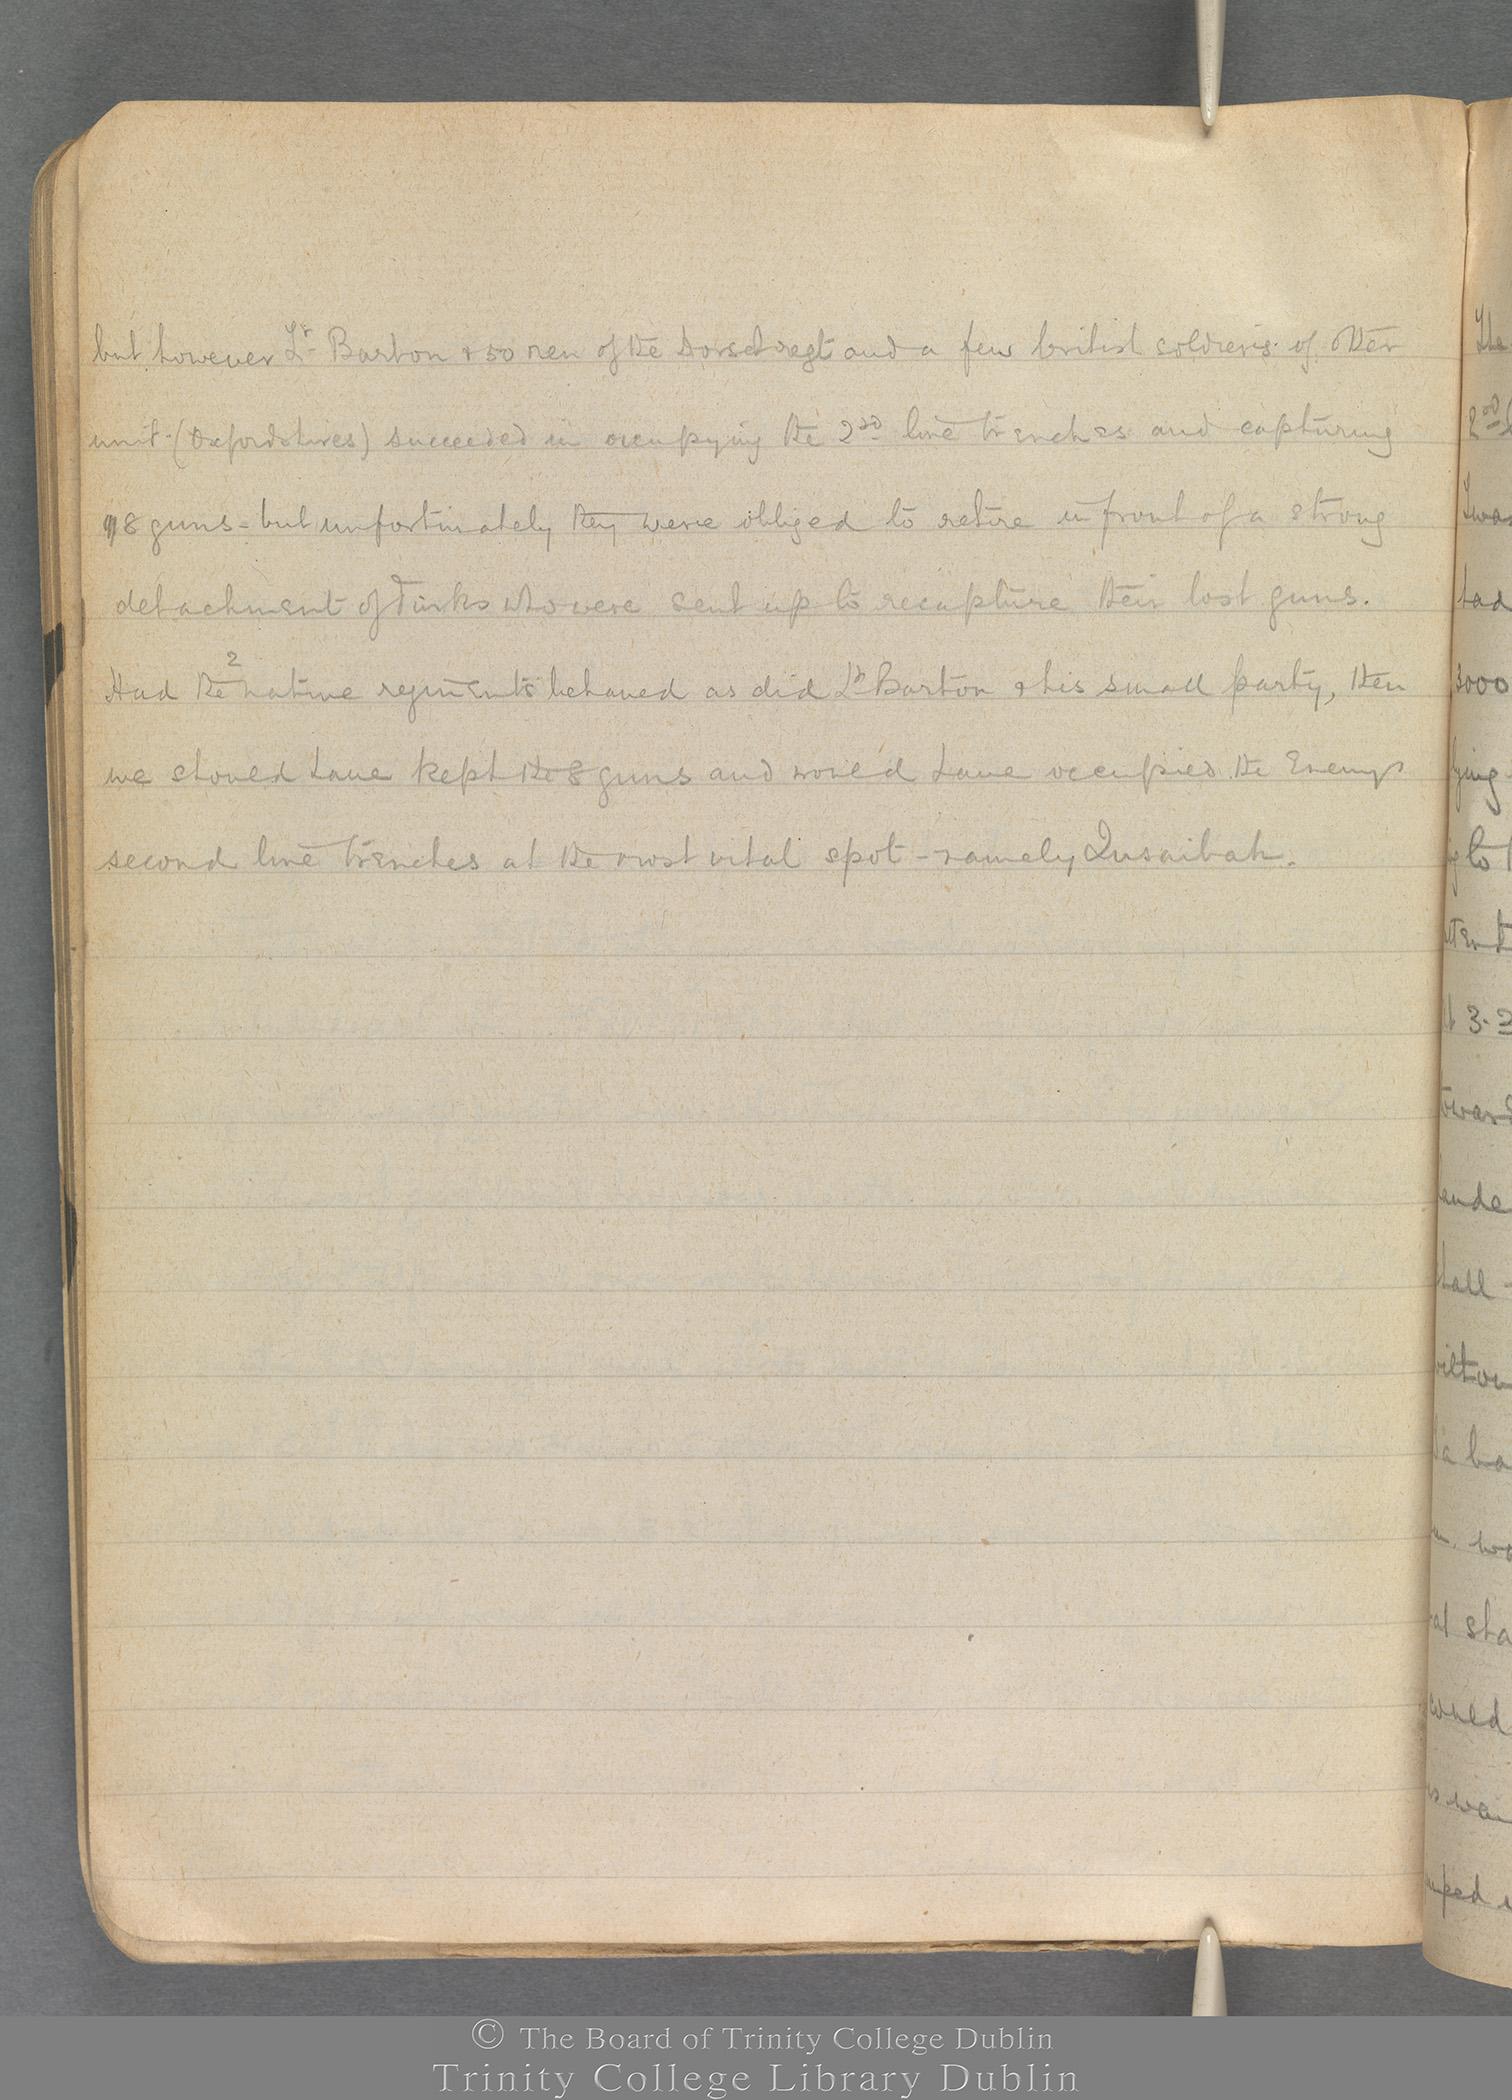 TCD MS 3414 folio 65 verso